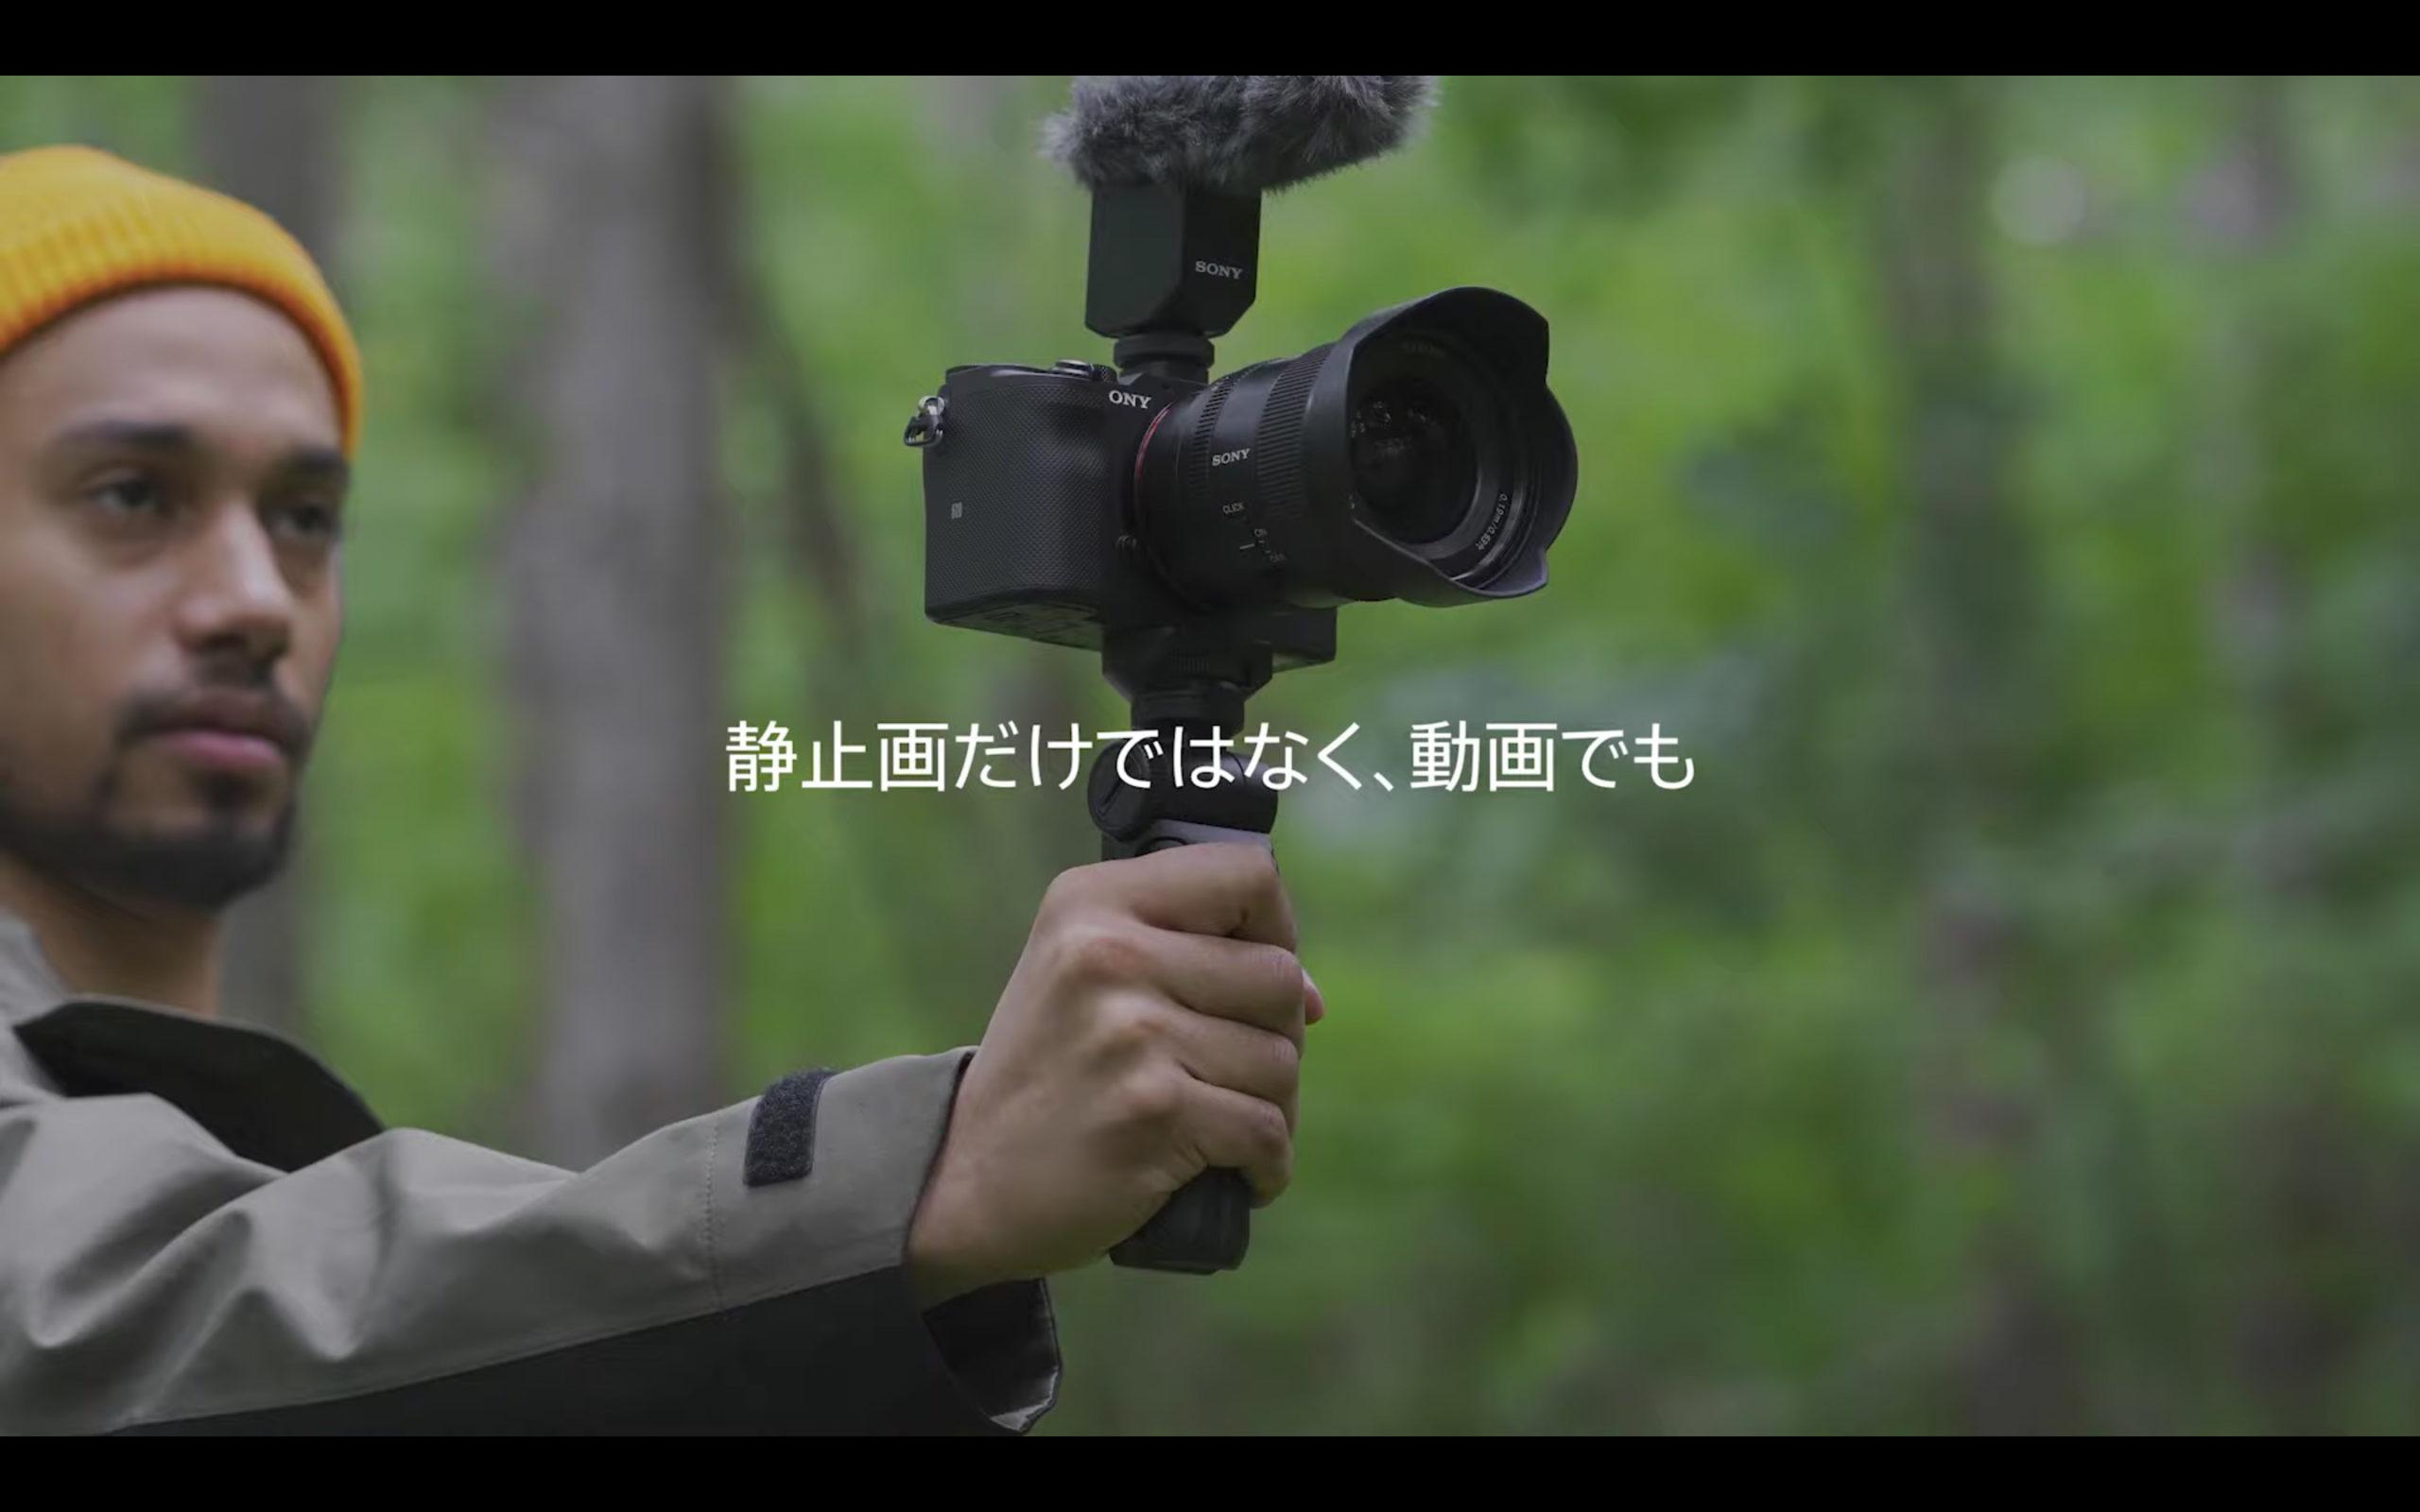 動画用カメラ、波が来てます。